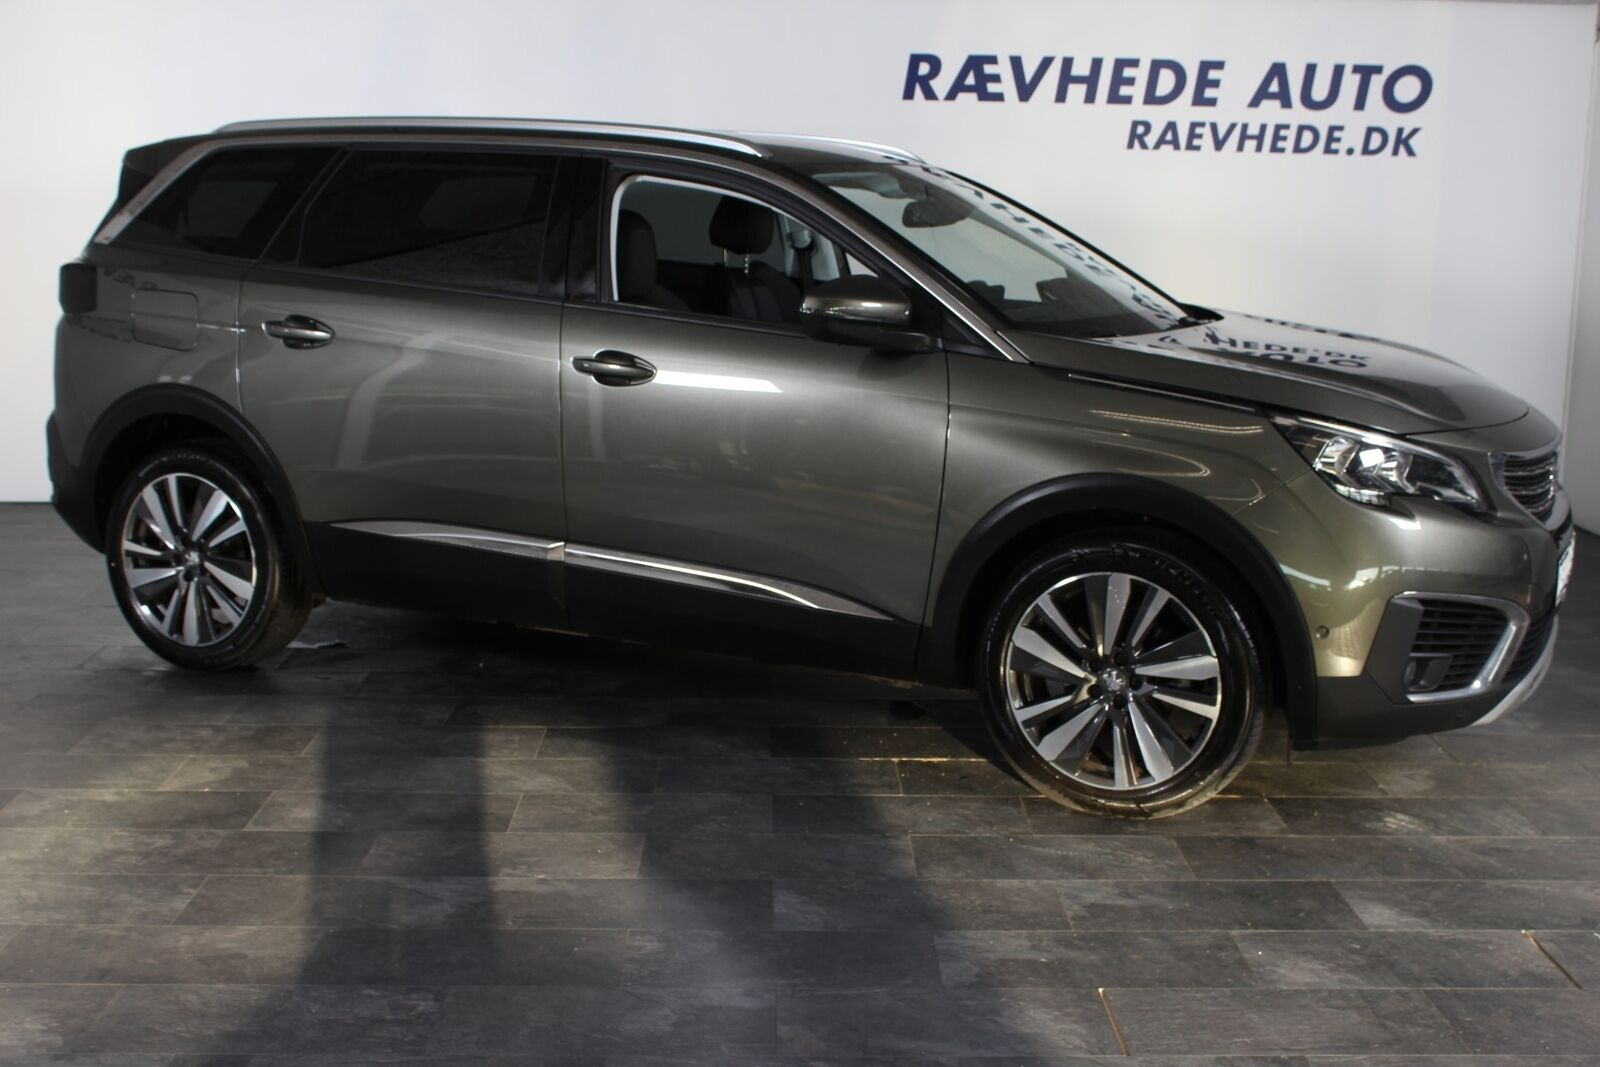 Peugeot 5008 1,5 BlueHDi 130 Allure LTD EAT8 5d - 359.900 kr.